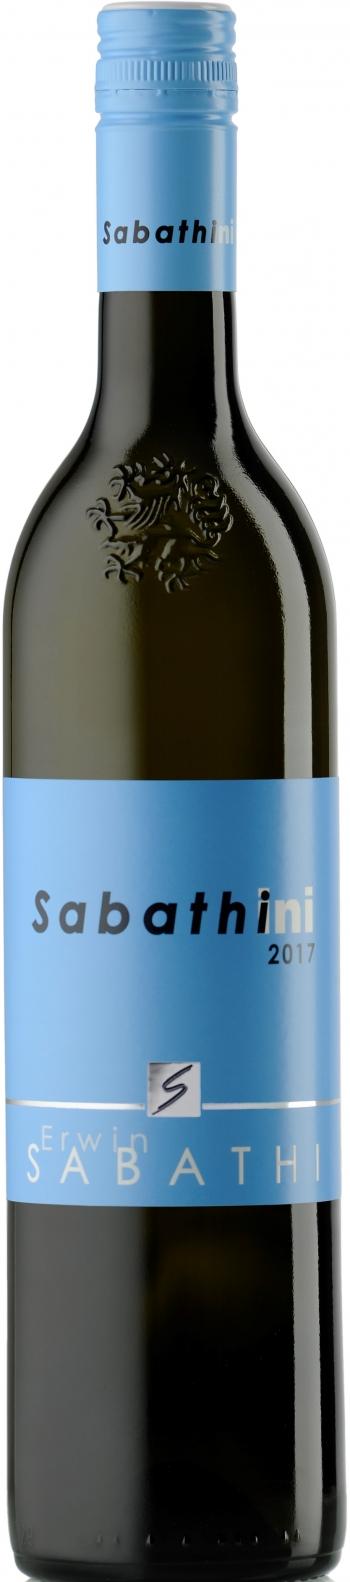 Sabathini, Sabathi 2017